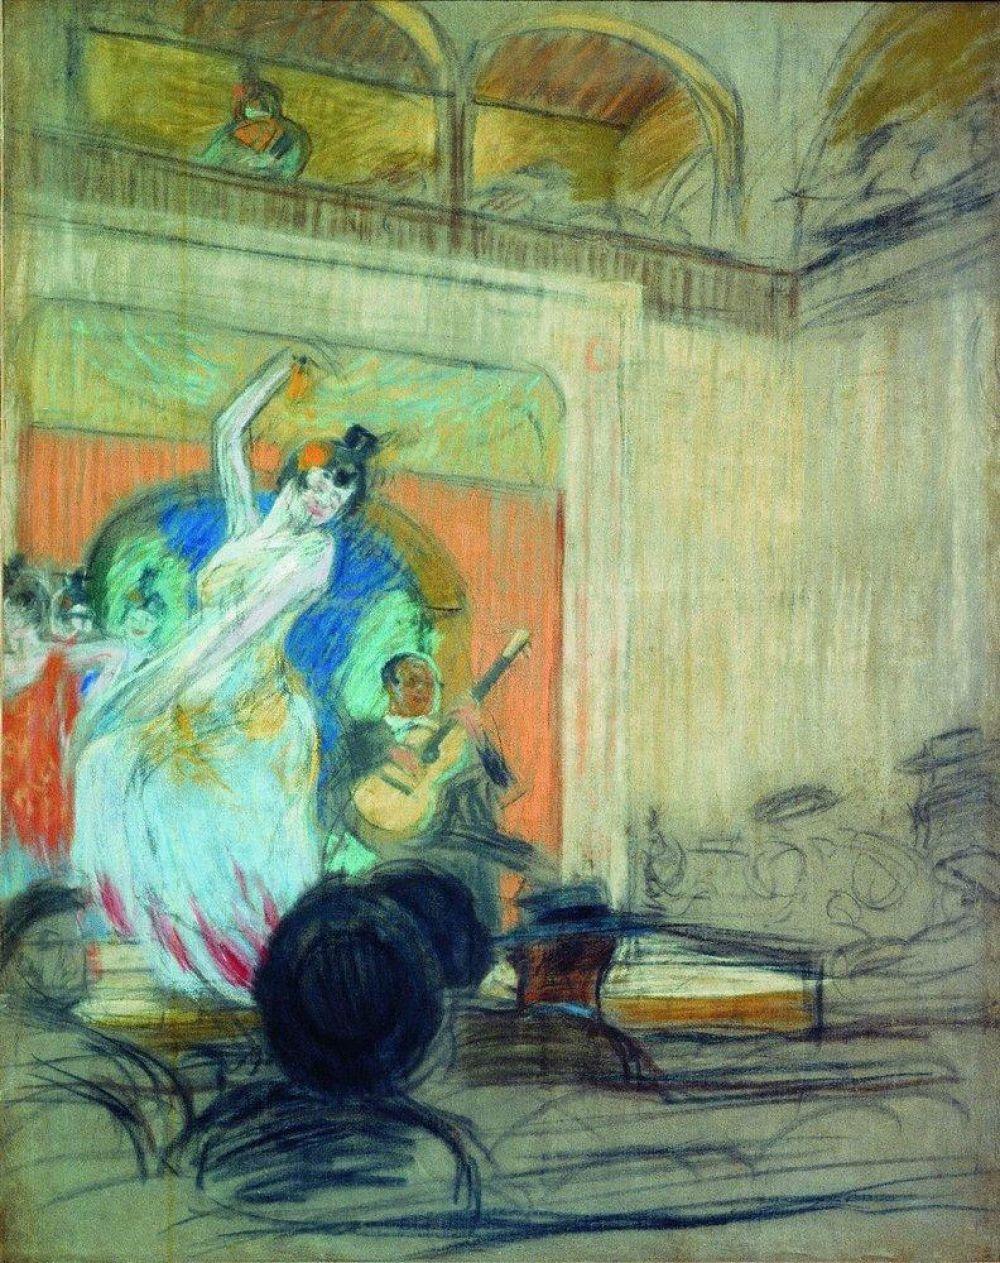 В 1903 году Кустодиев с золотой медалью заканчивает учебный курс и получает пенсионерскую поездку за границу. Благодаря этому он побывал в Германии, Италии и Испании, где увлёкся живописью старых мастеров и задержался для учёбы на полгода.